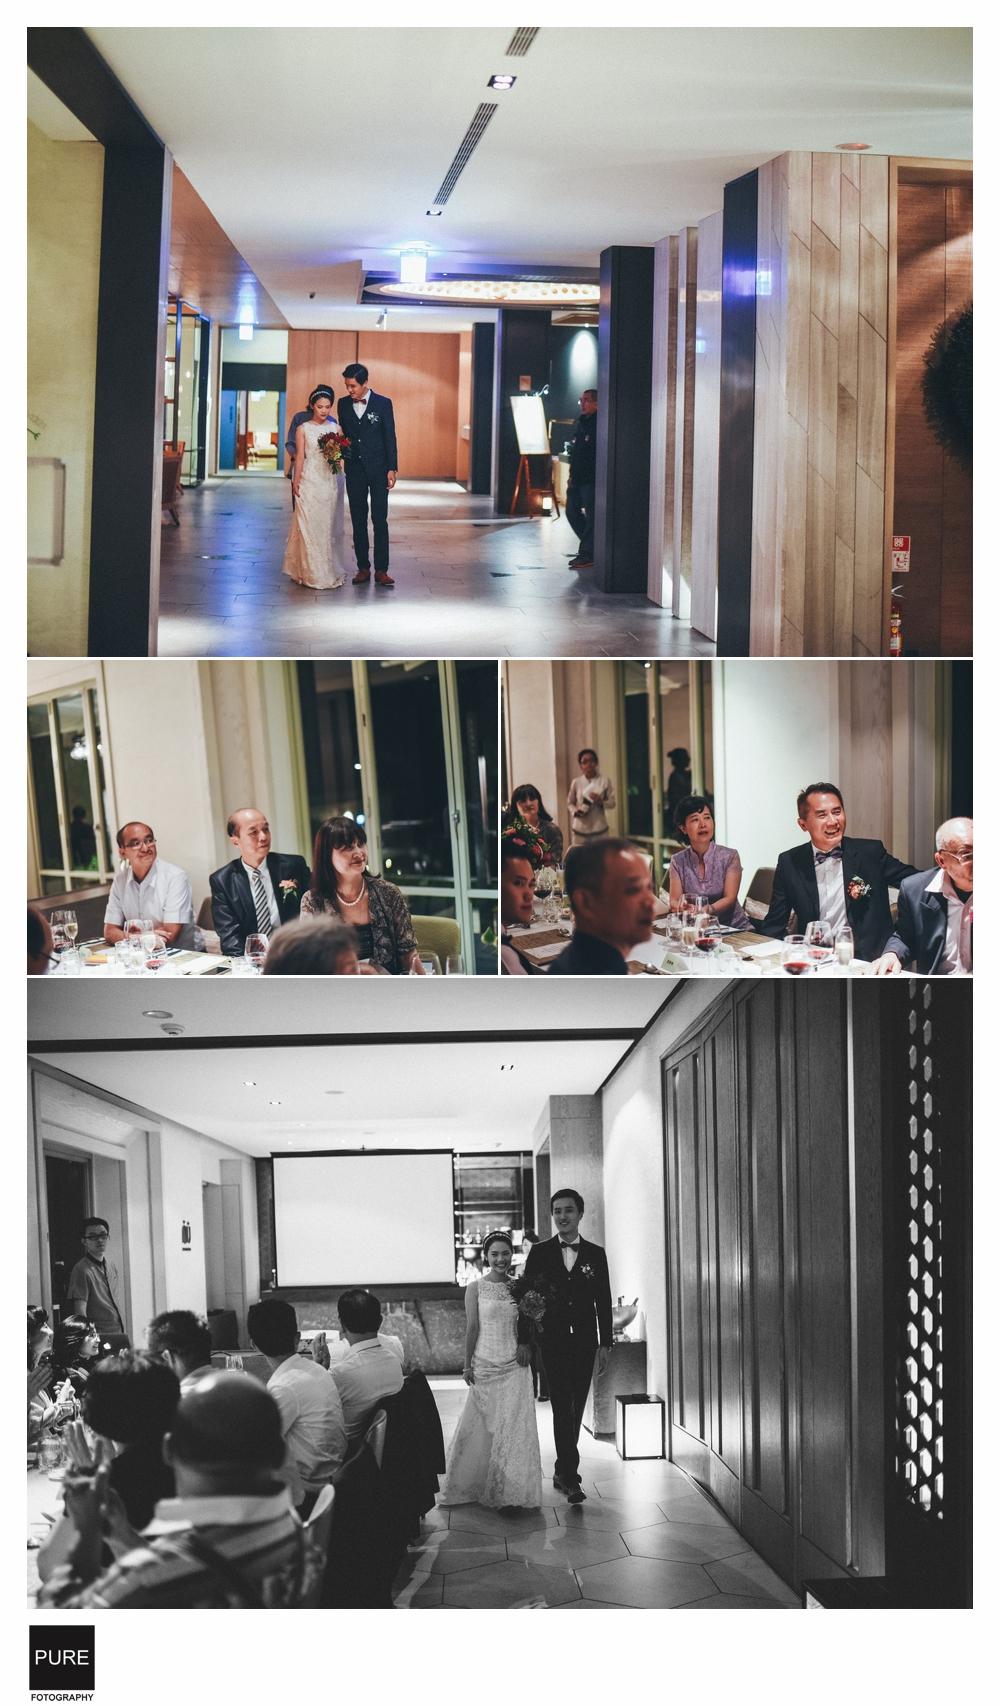 PUREFOTO_台灣婚禮平面攝影wedding_Weddingphoto